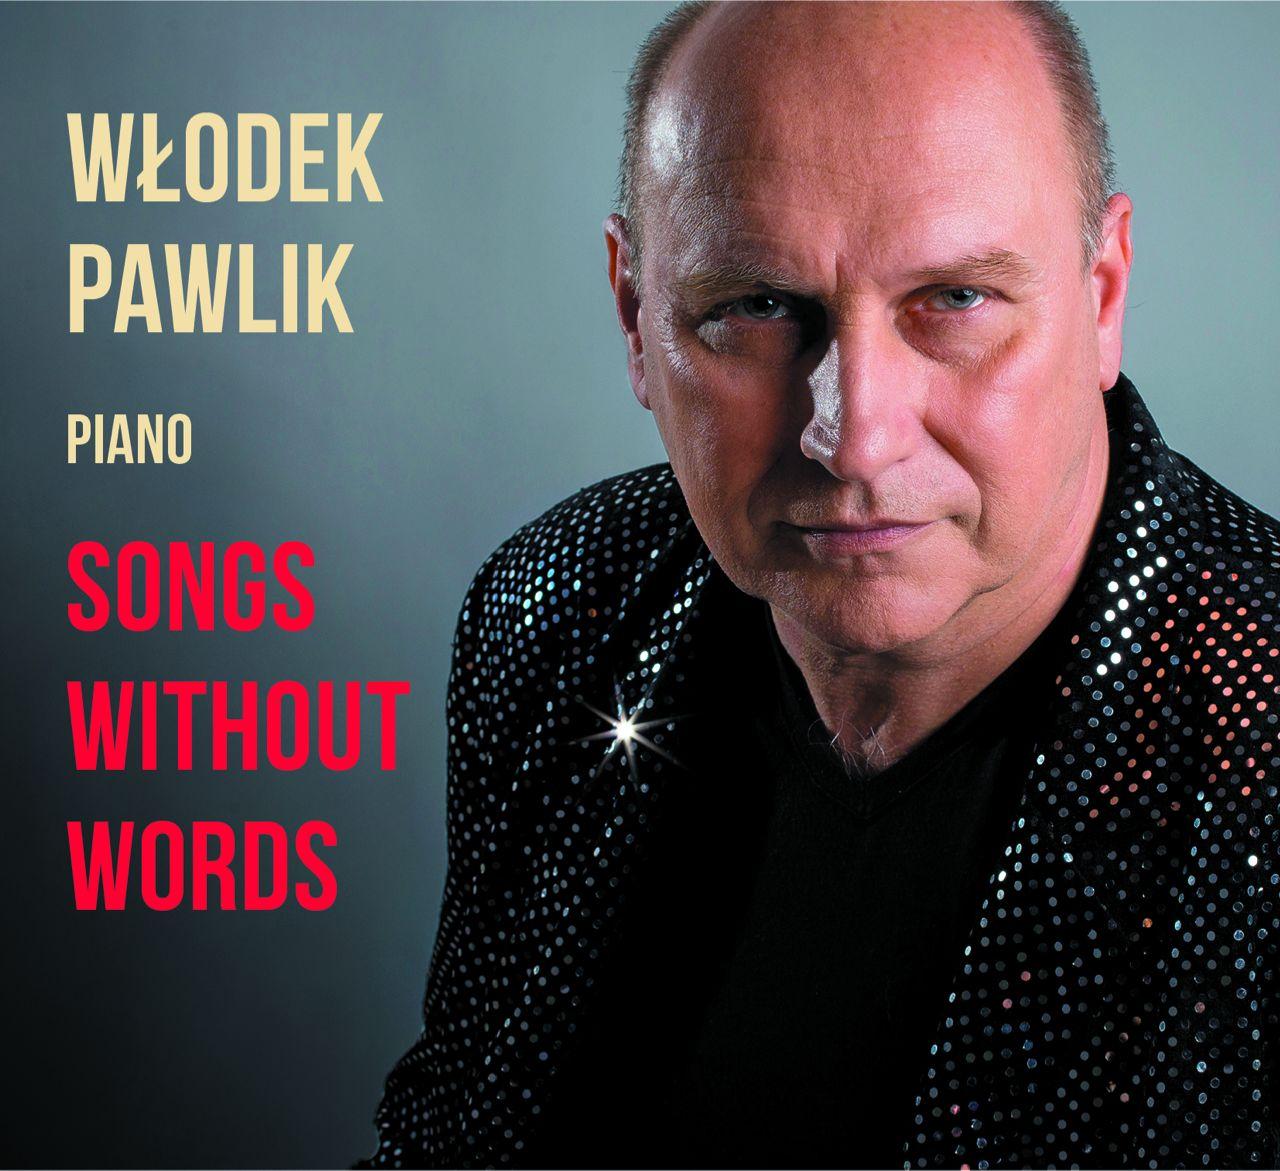 """Włodek Pawlik, """"Songs without words"""" (źródło: materiały prasowe organizatora)"""